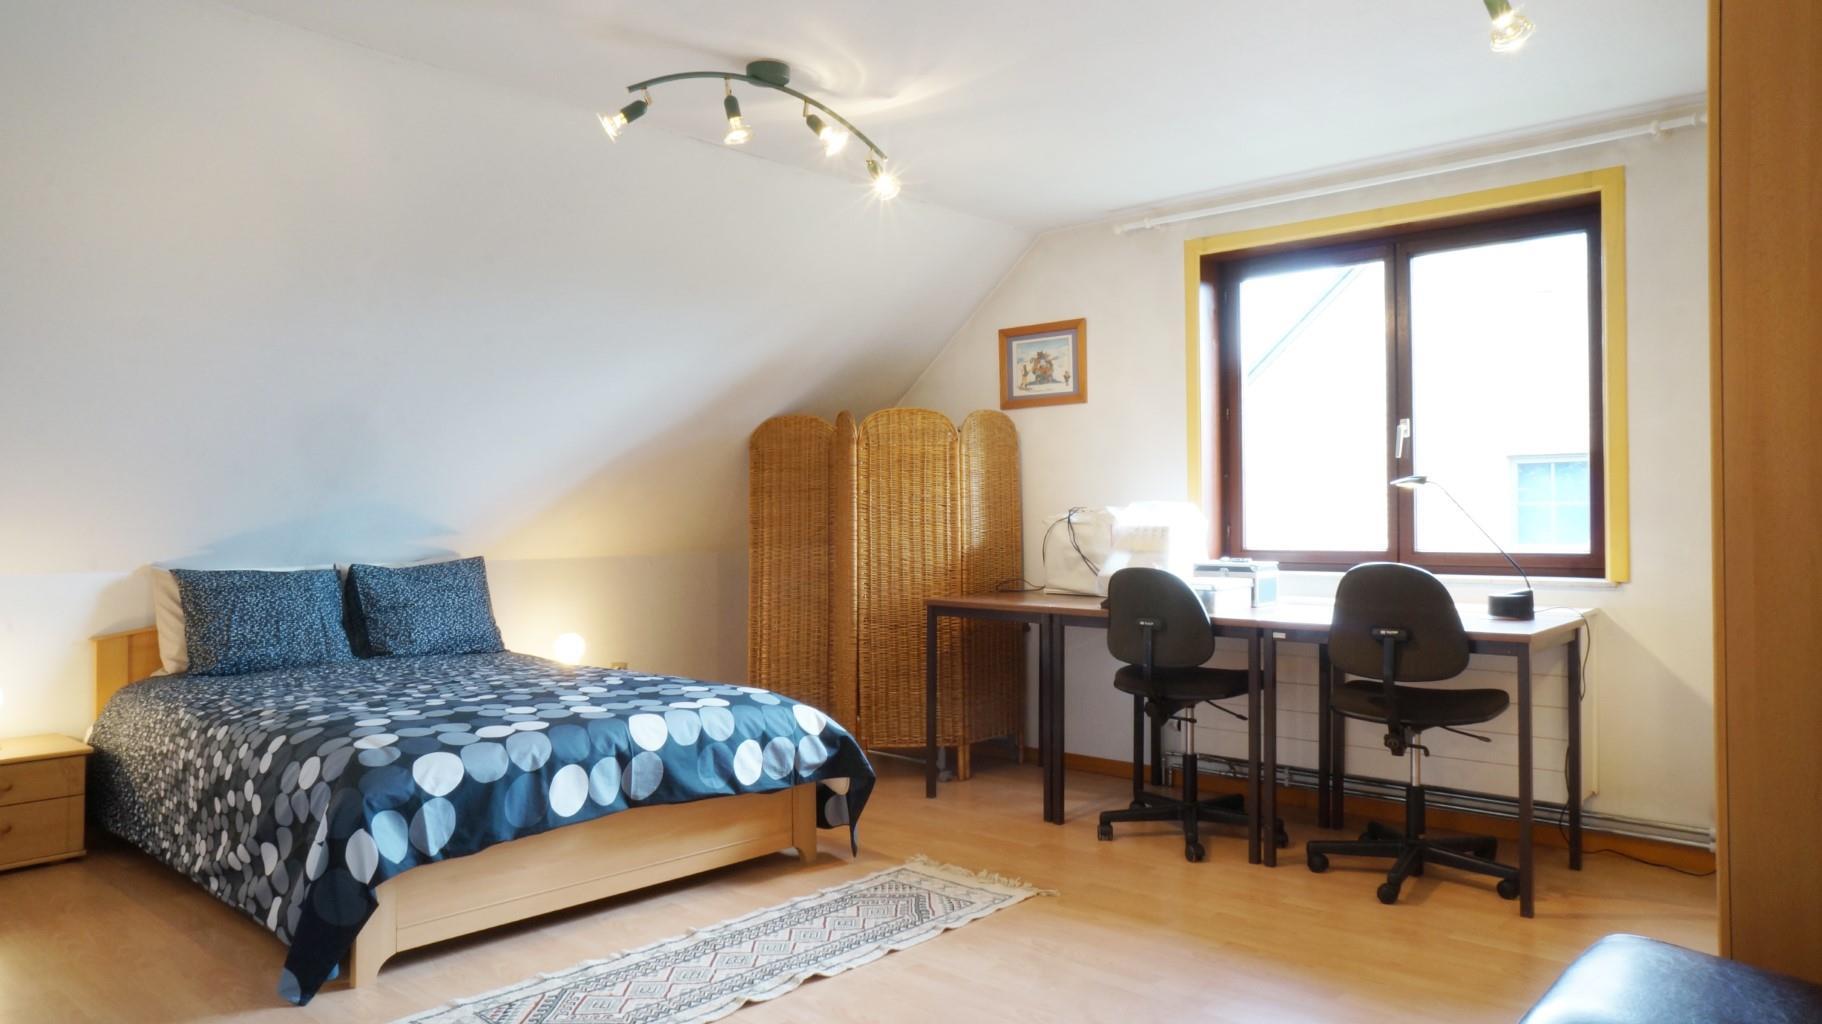 Maison - Perwez Thorembais-Saint-Trond - #4027352-13